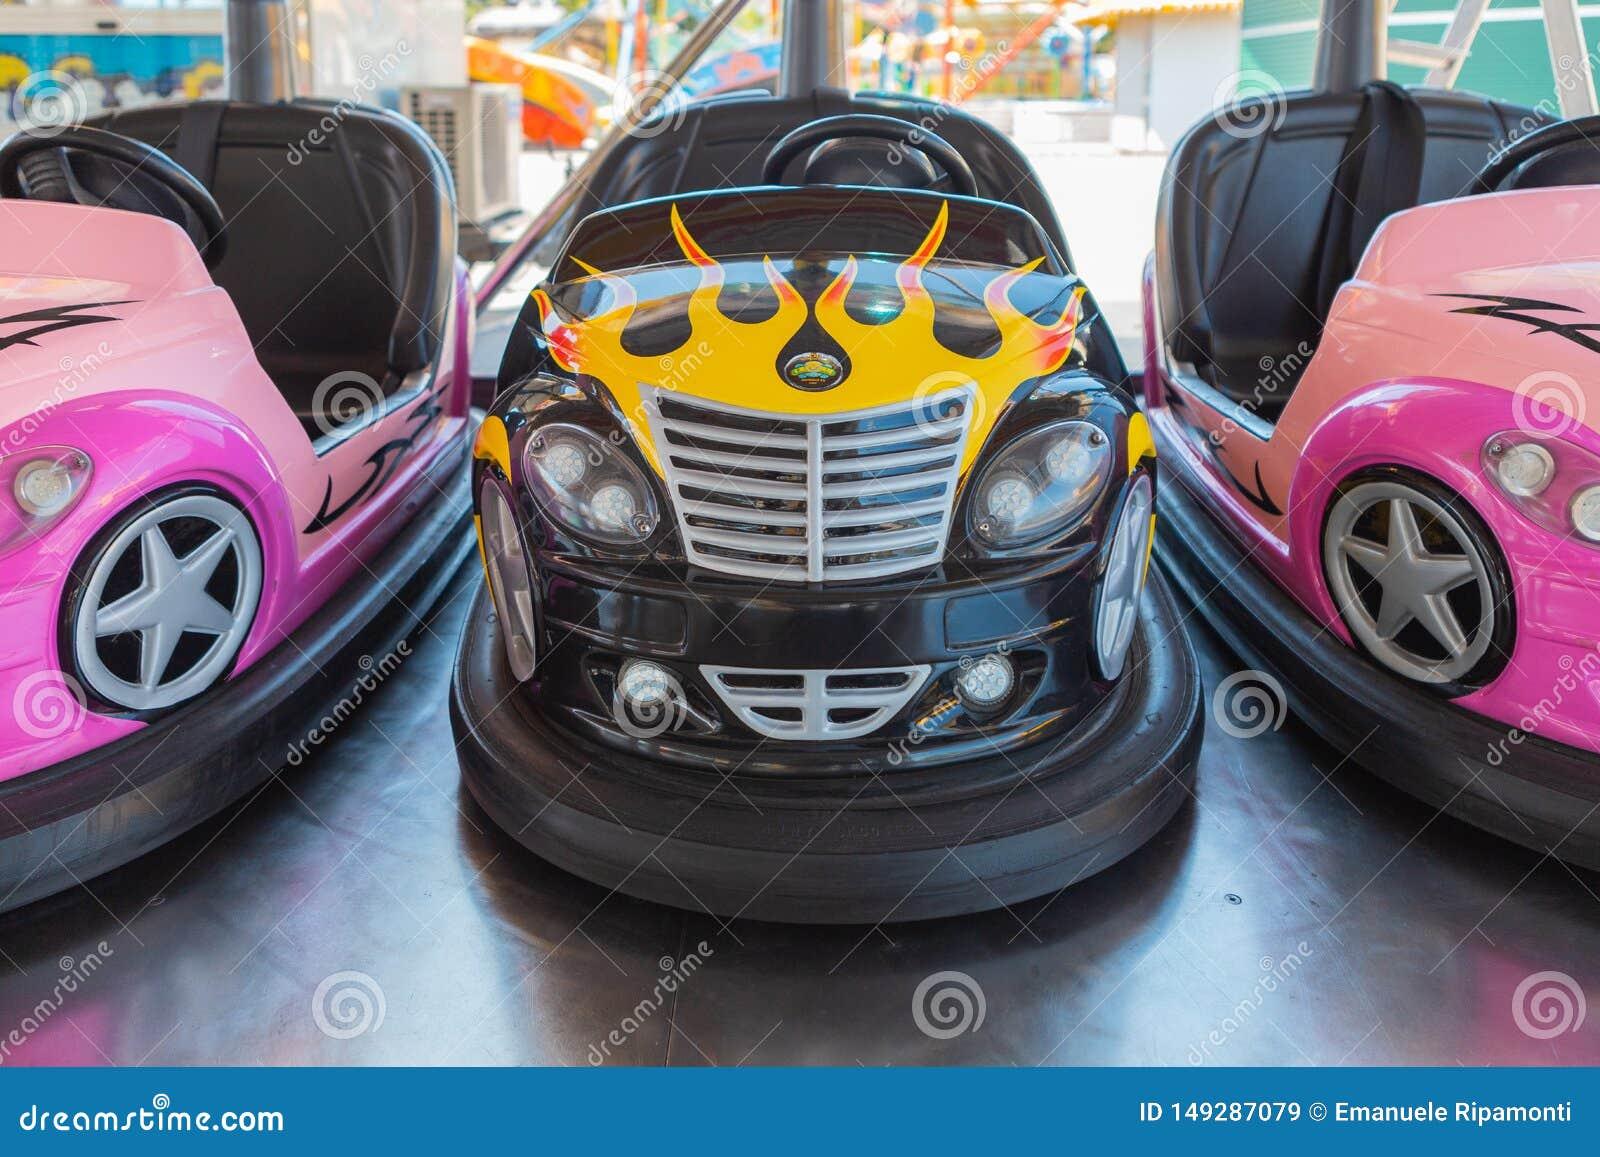 Petites voitures de butoir color?es pour des enfants